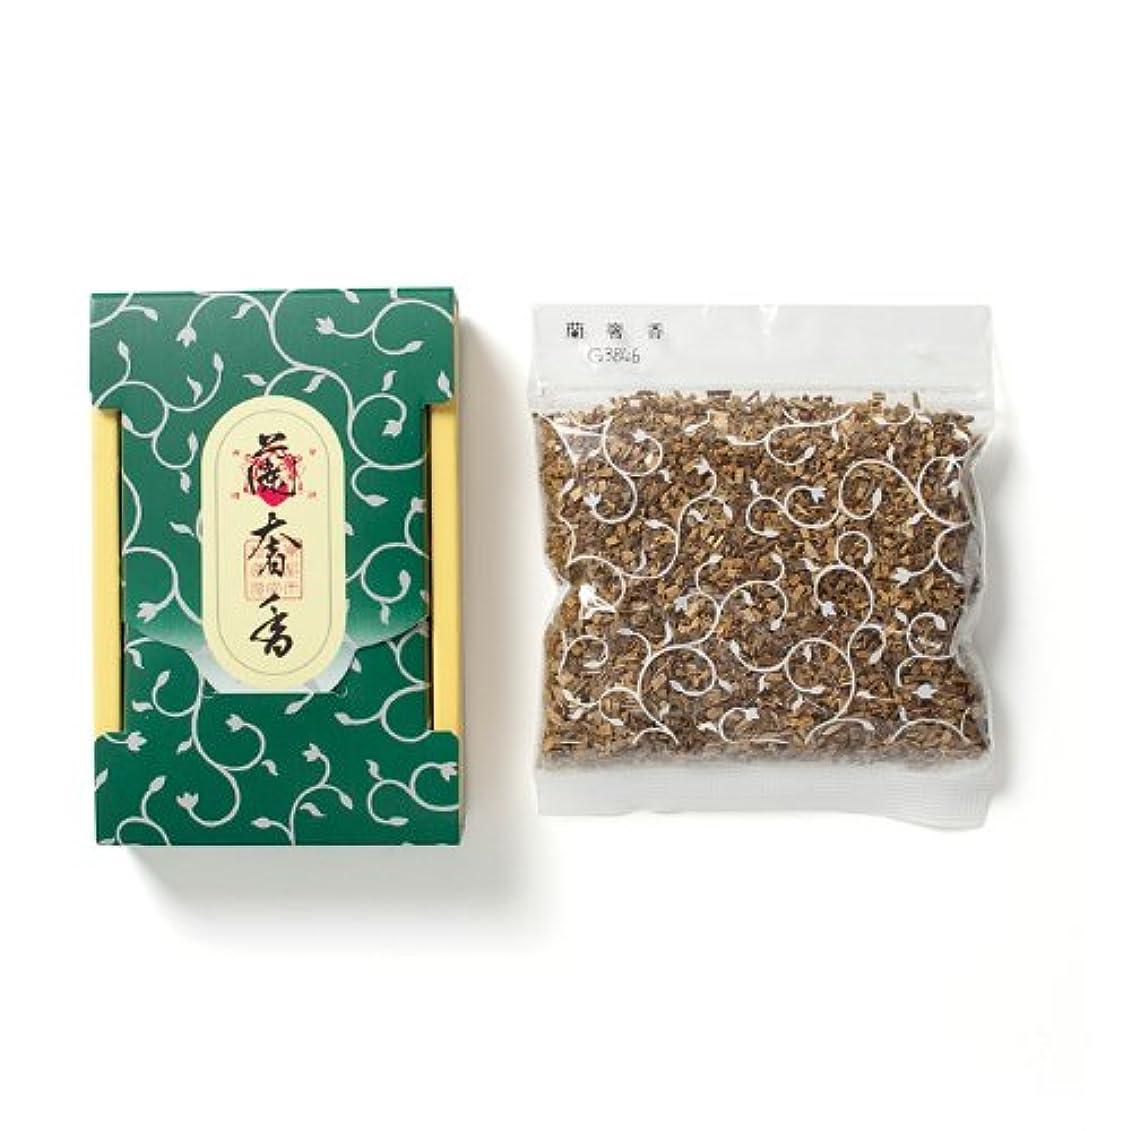 マークダウンマインド安いです松栄堂のお焼香 蘭奢香 25g詰 小箱入 #410741